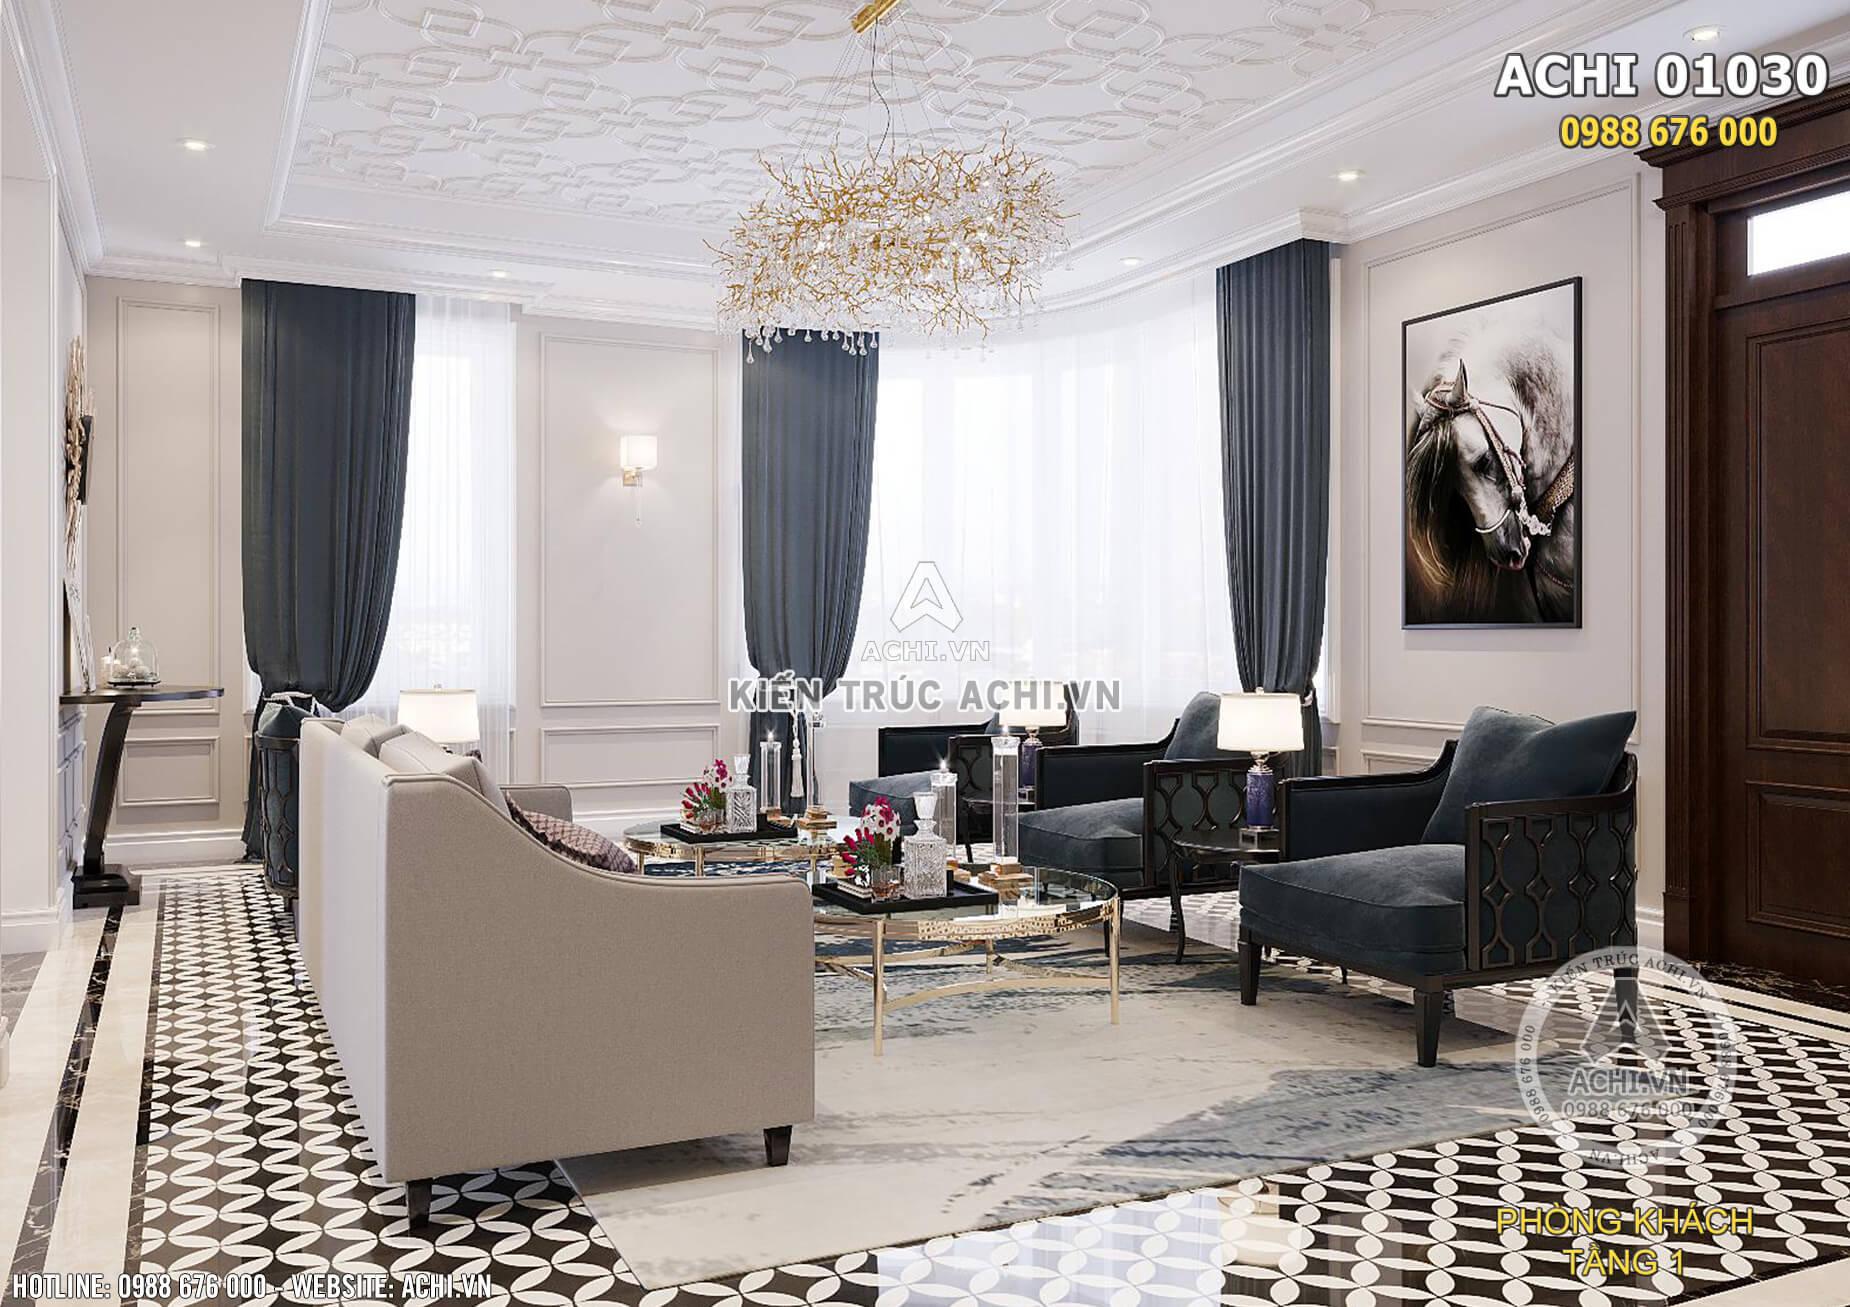 Thiết kế nội thất phòng khách tân cổ điển nhẹ nhàng, lôi cuốn